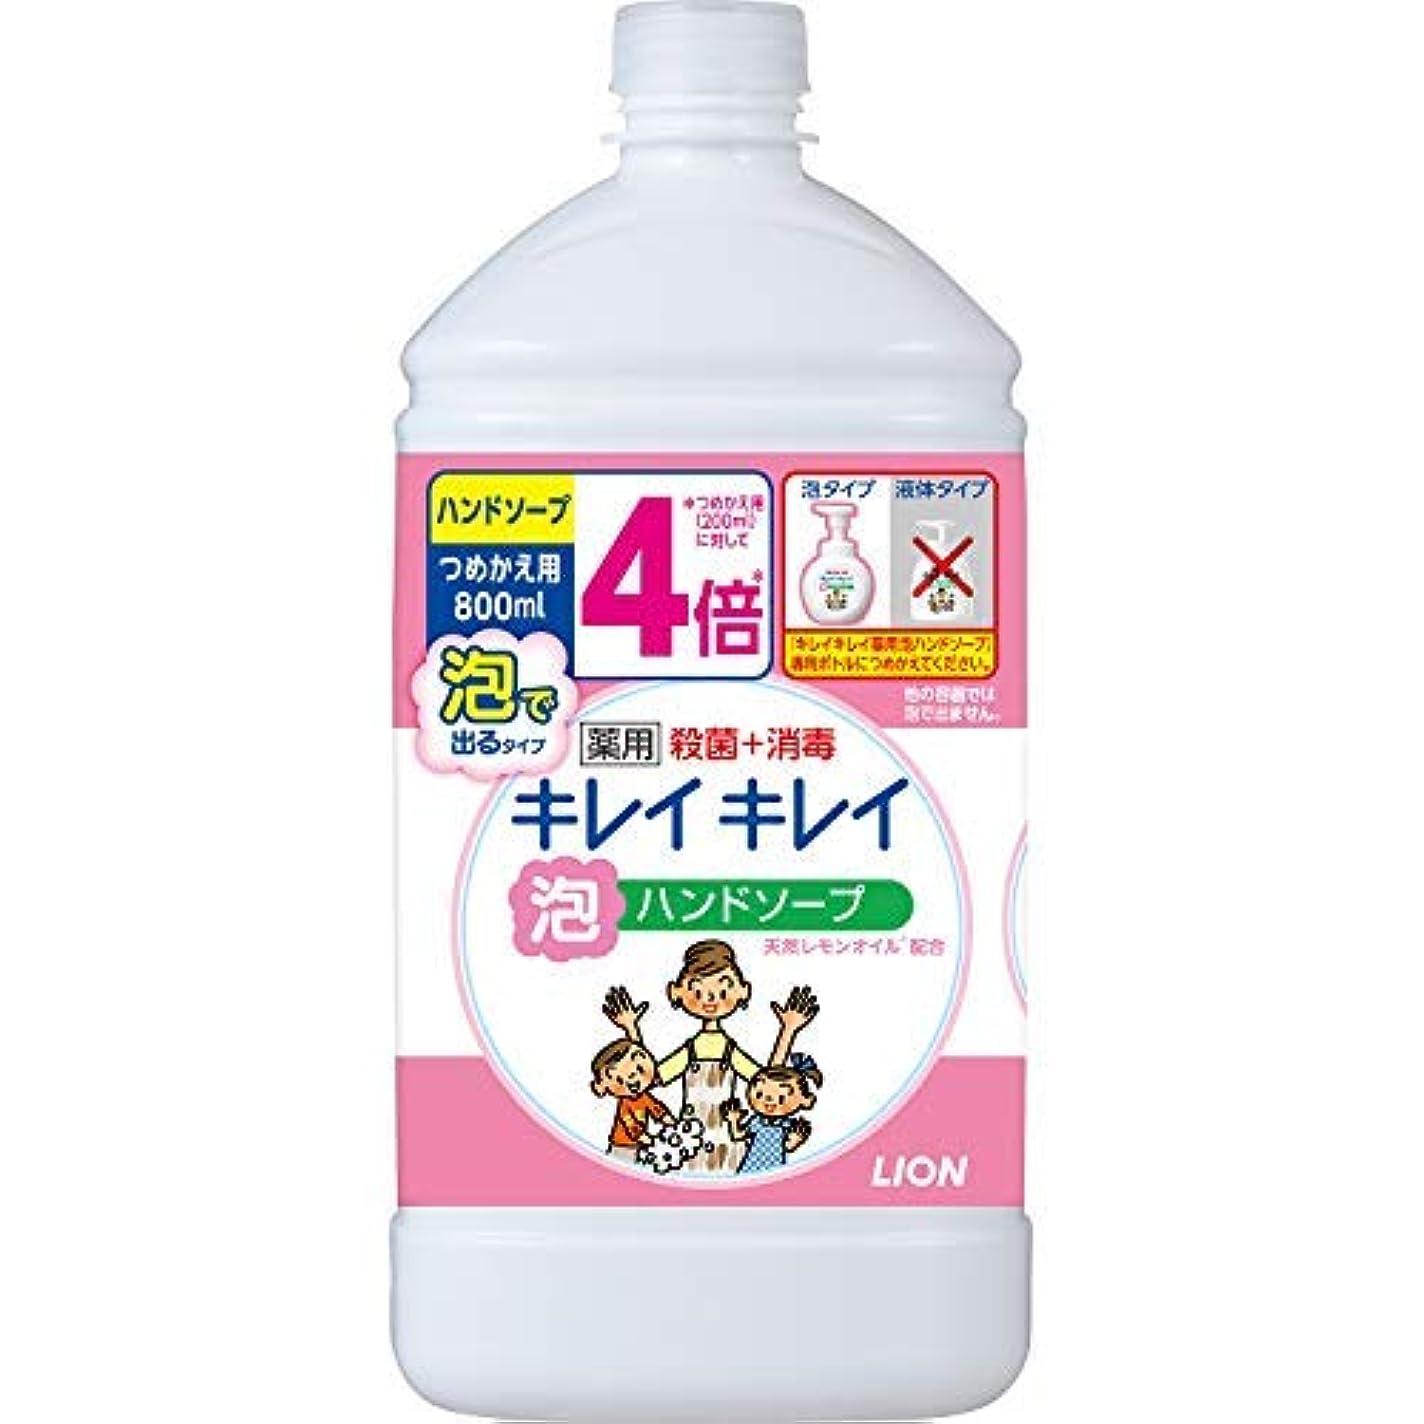 スペード冷蔵庫リボンキレイキレイ 薬用泡ハンドソープ つめかえ用特大サイズ シトラスフルーティ × 2個セット